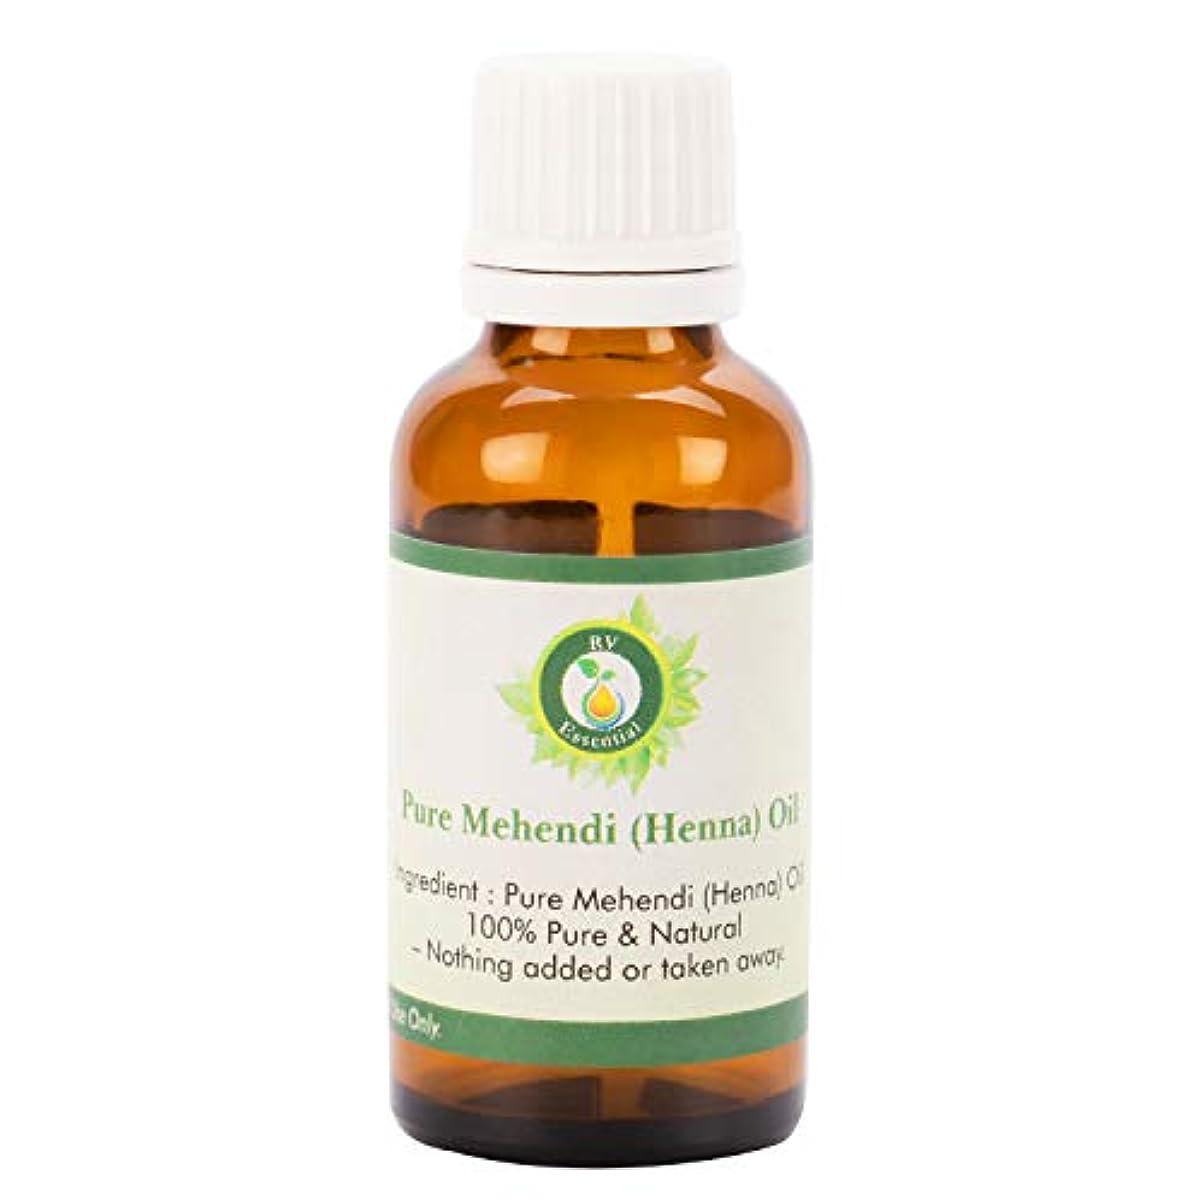 ピュアMehendi(ヘナ)オイル100ml (3.38oz)- (100%純粋でナチュラル) Pure Mehendi (Henna) Oil